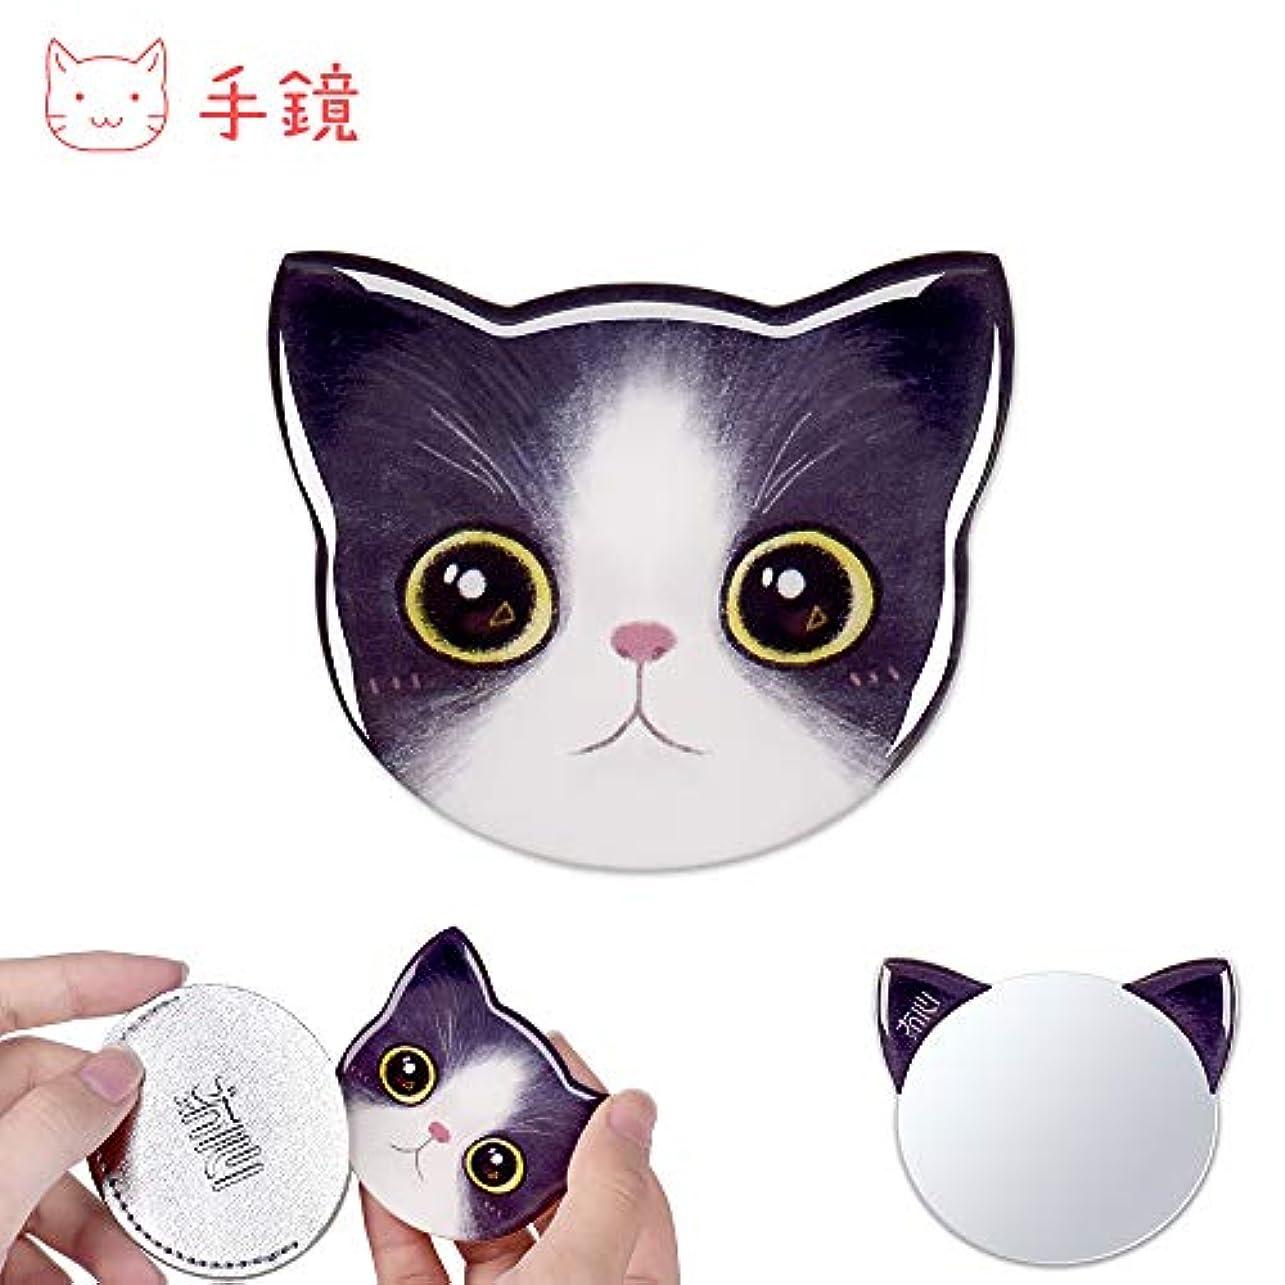 携帯ミラー コンパクトミラー かわいい 猫型 ポケットミラー 軽量 おしゃれ ハンドミラー 可愛い 手鏡 化粧鏡 ミニ 鏡 猫 ミラー 収納袋付き ギフト プレゼント レディース メンズ(1-サチ)